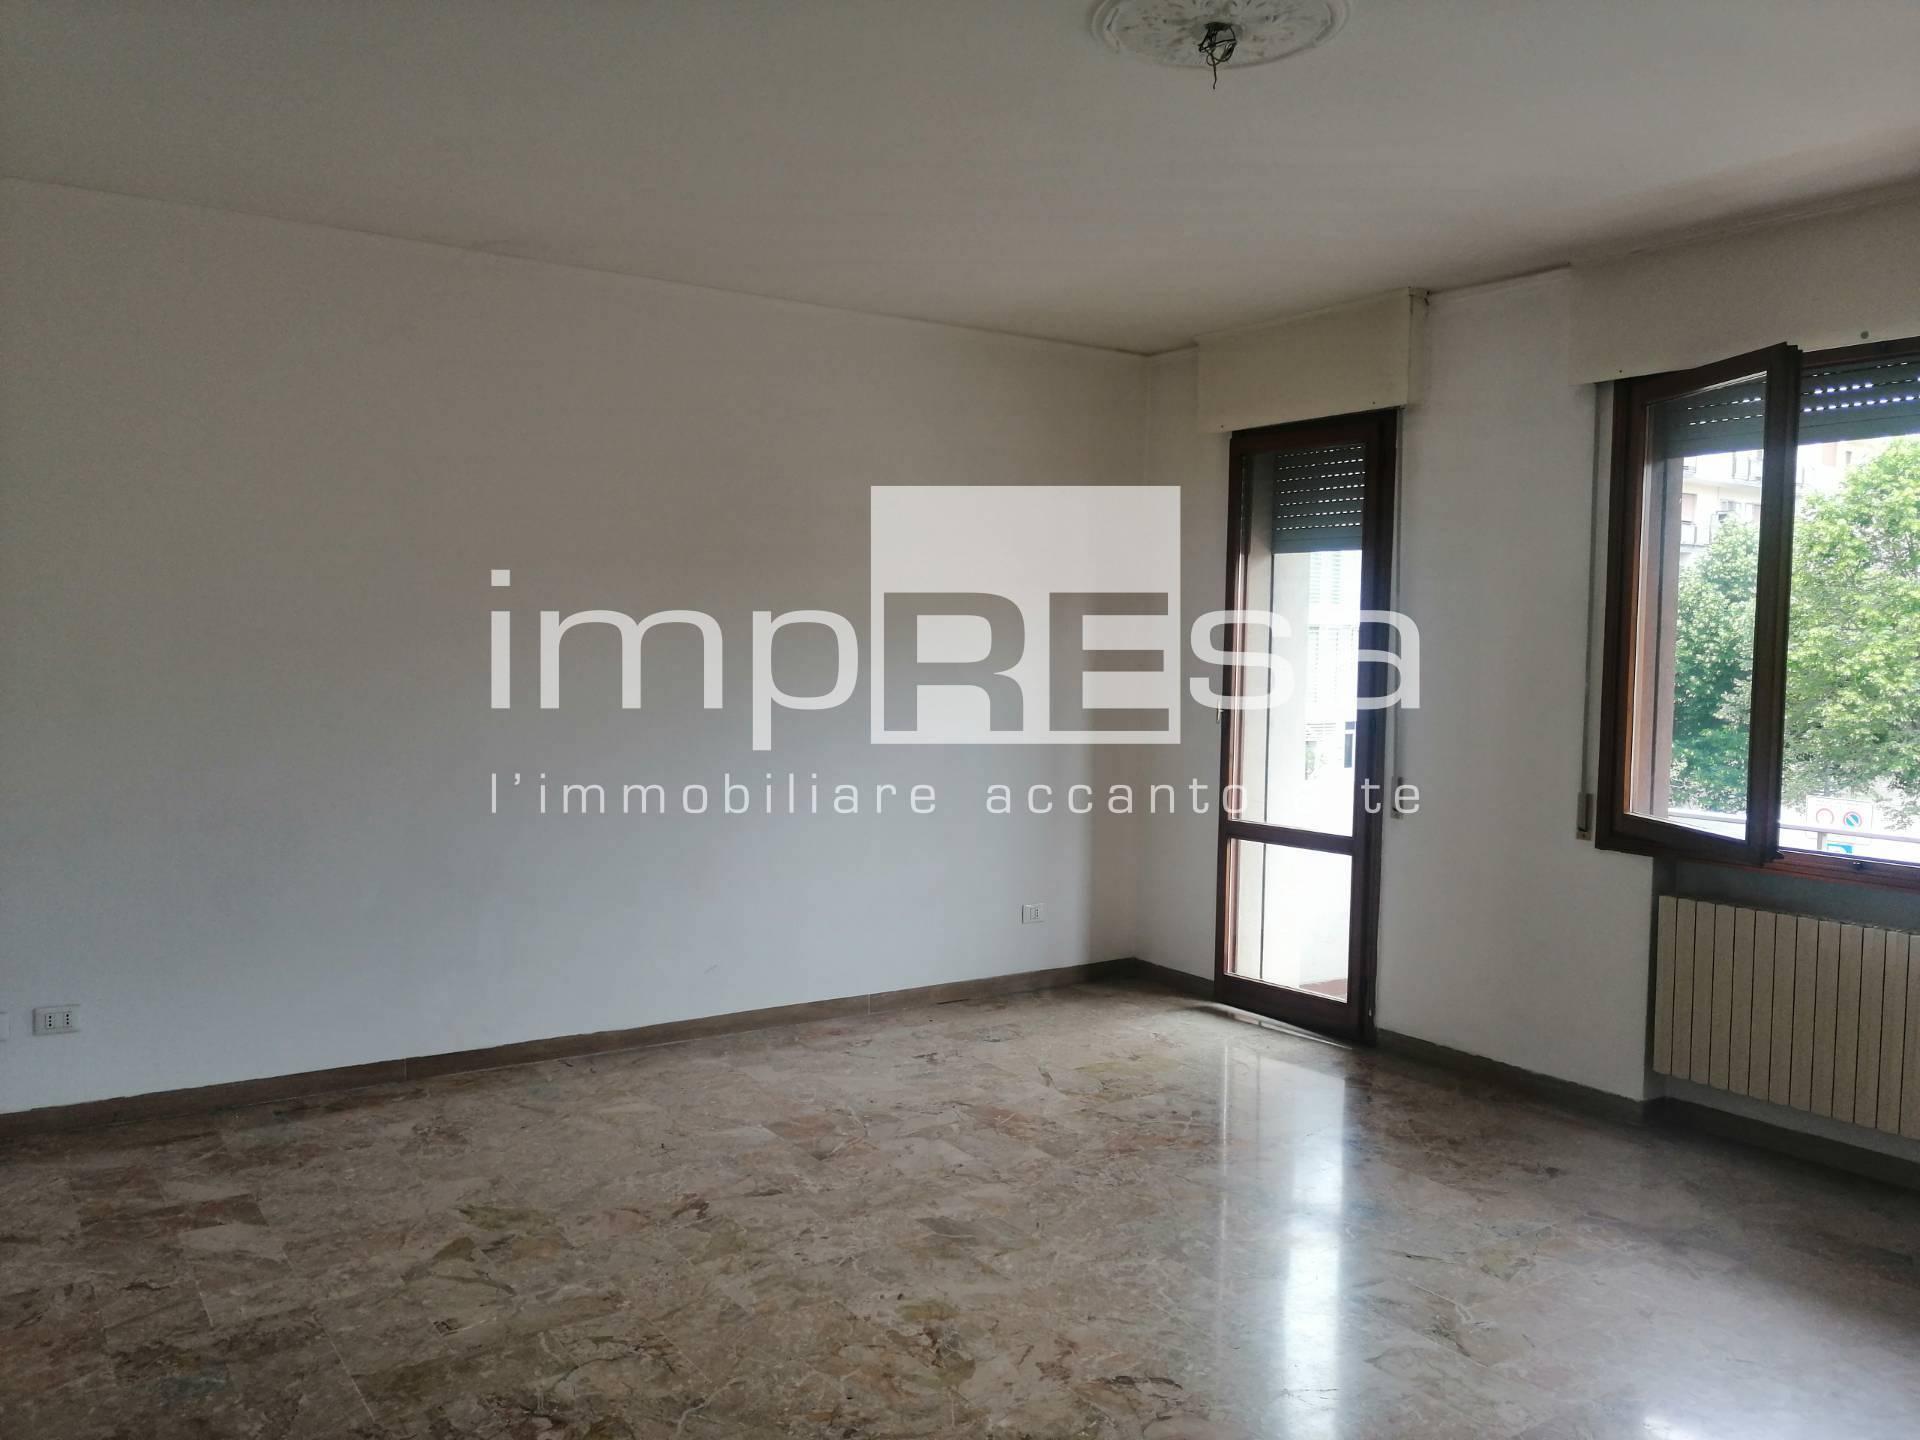 Appartamento in vendita a Martellago, 4 locali, prezzo € 125.000 | PortaleAgenzieImmobiliari.it